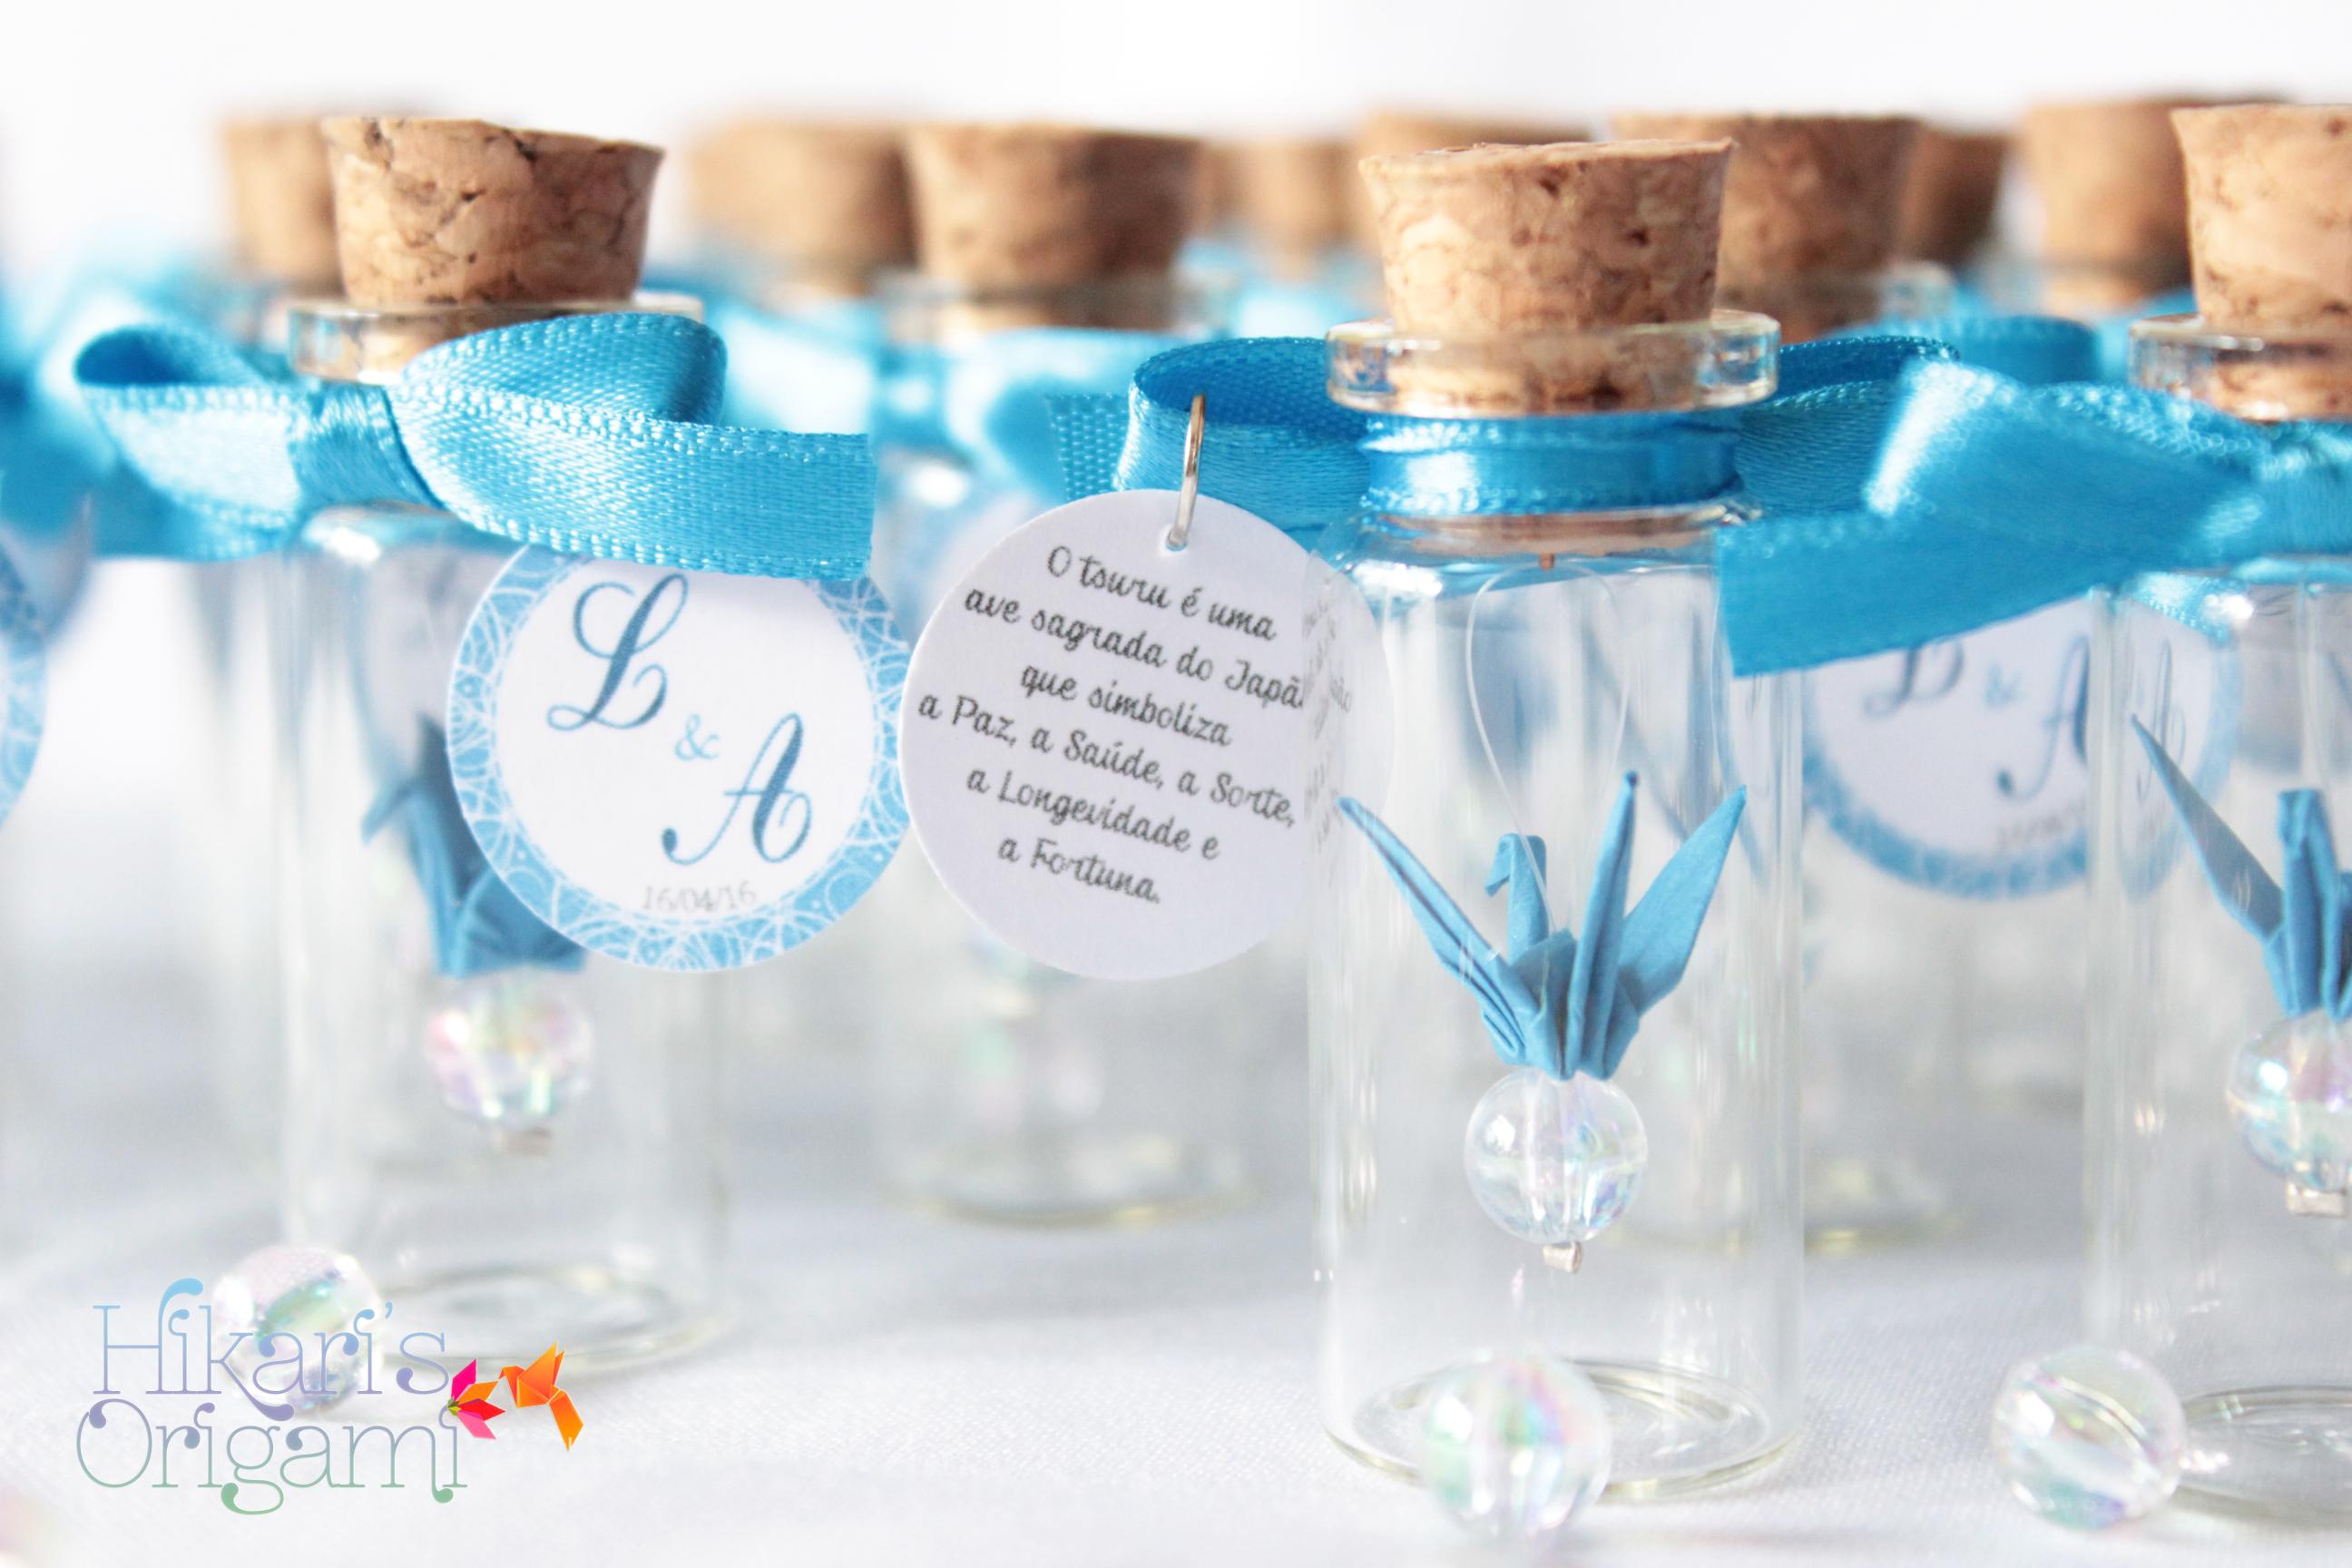 Lembrancinha de casamento: Potinho Cristaly  http://hikarisorigami.wix.com/hikarisorigami#!product-page/c1u5r/976604c4-cddf-7121-dad1-4aed3c09567b